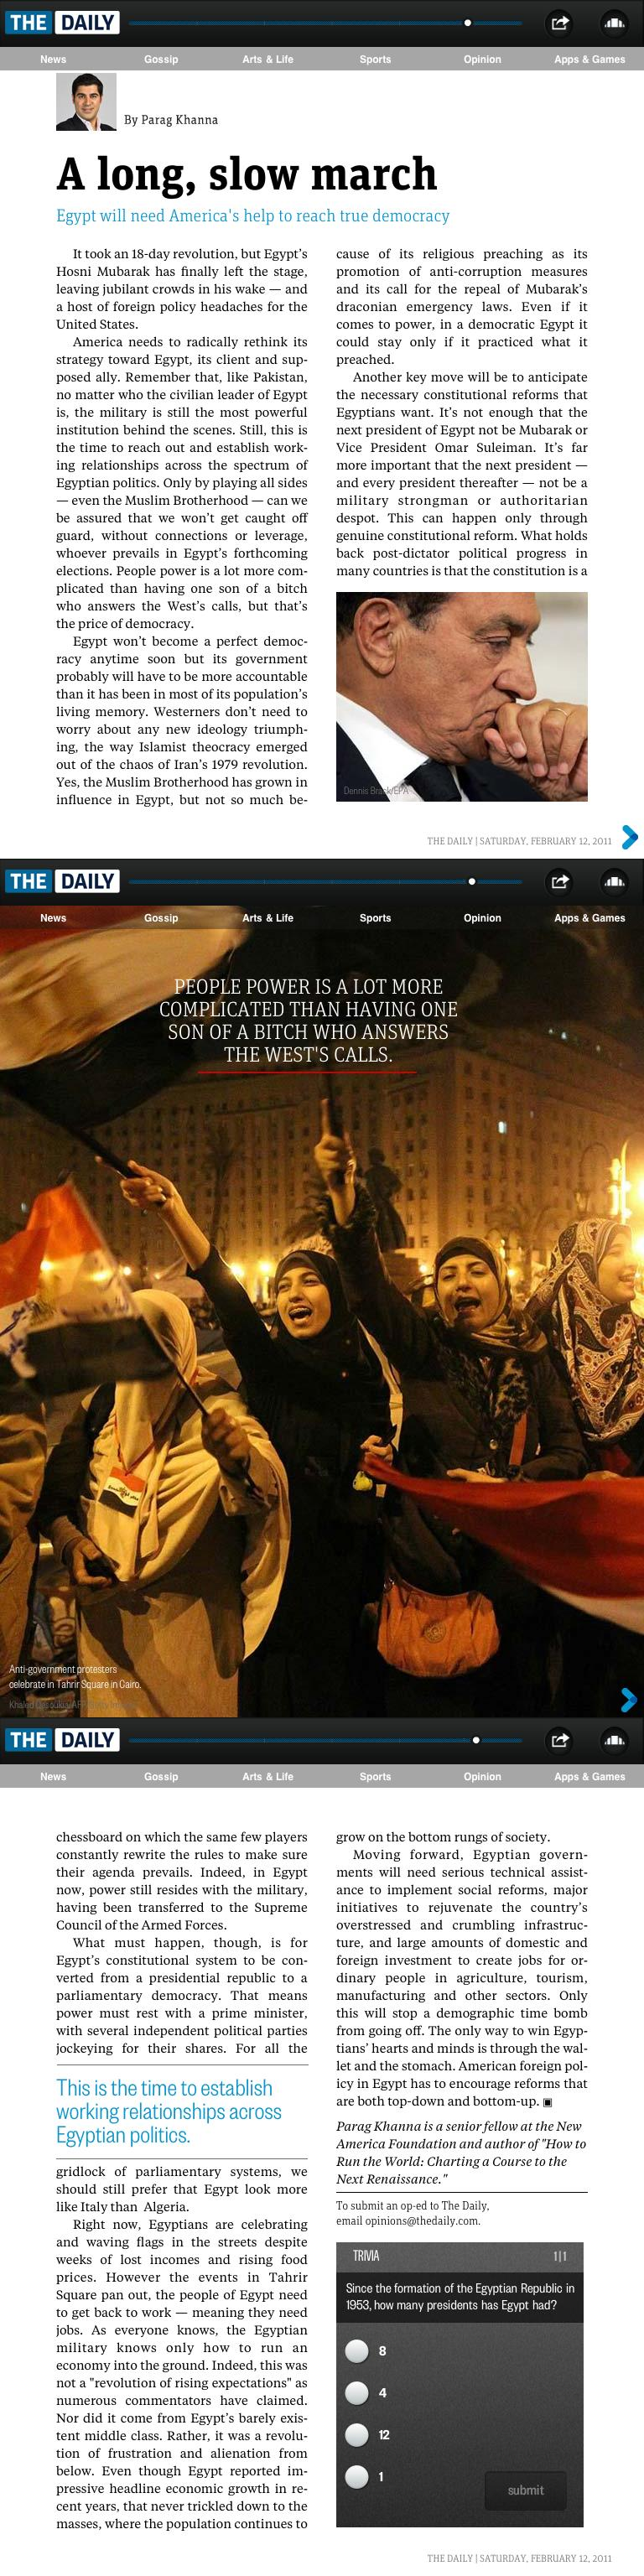 021211-opinions-oped-egypt-khanna-ss.jpg